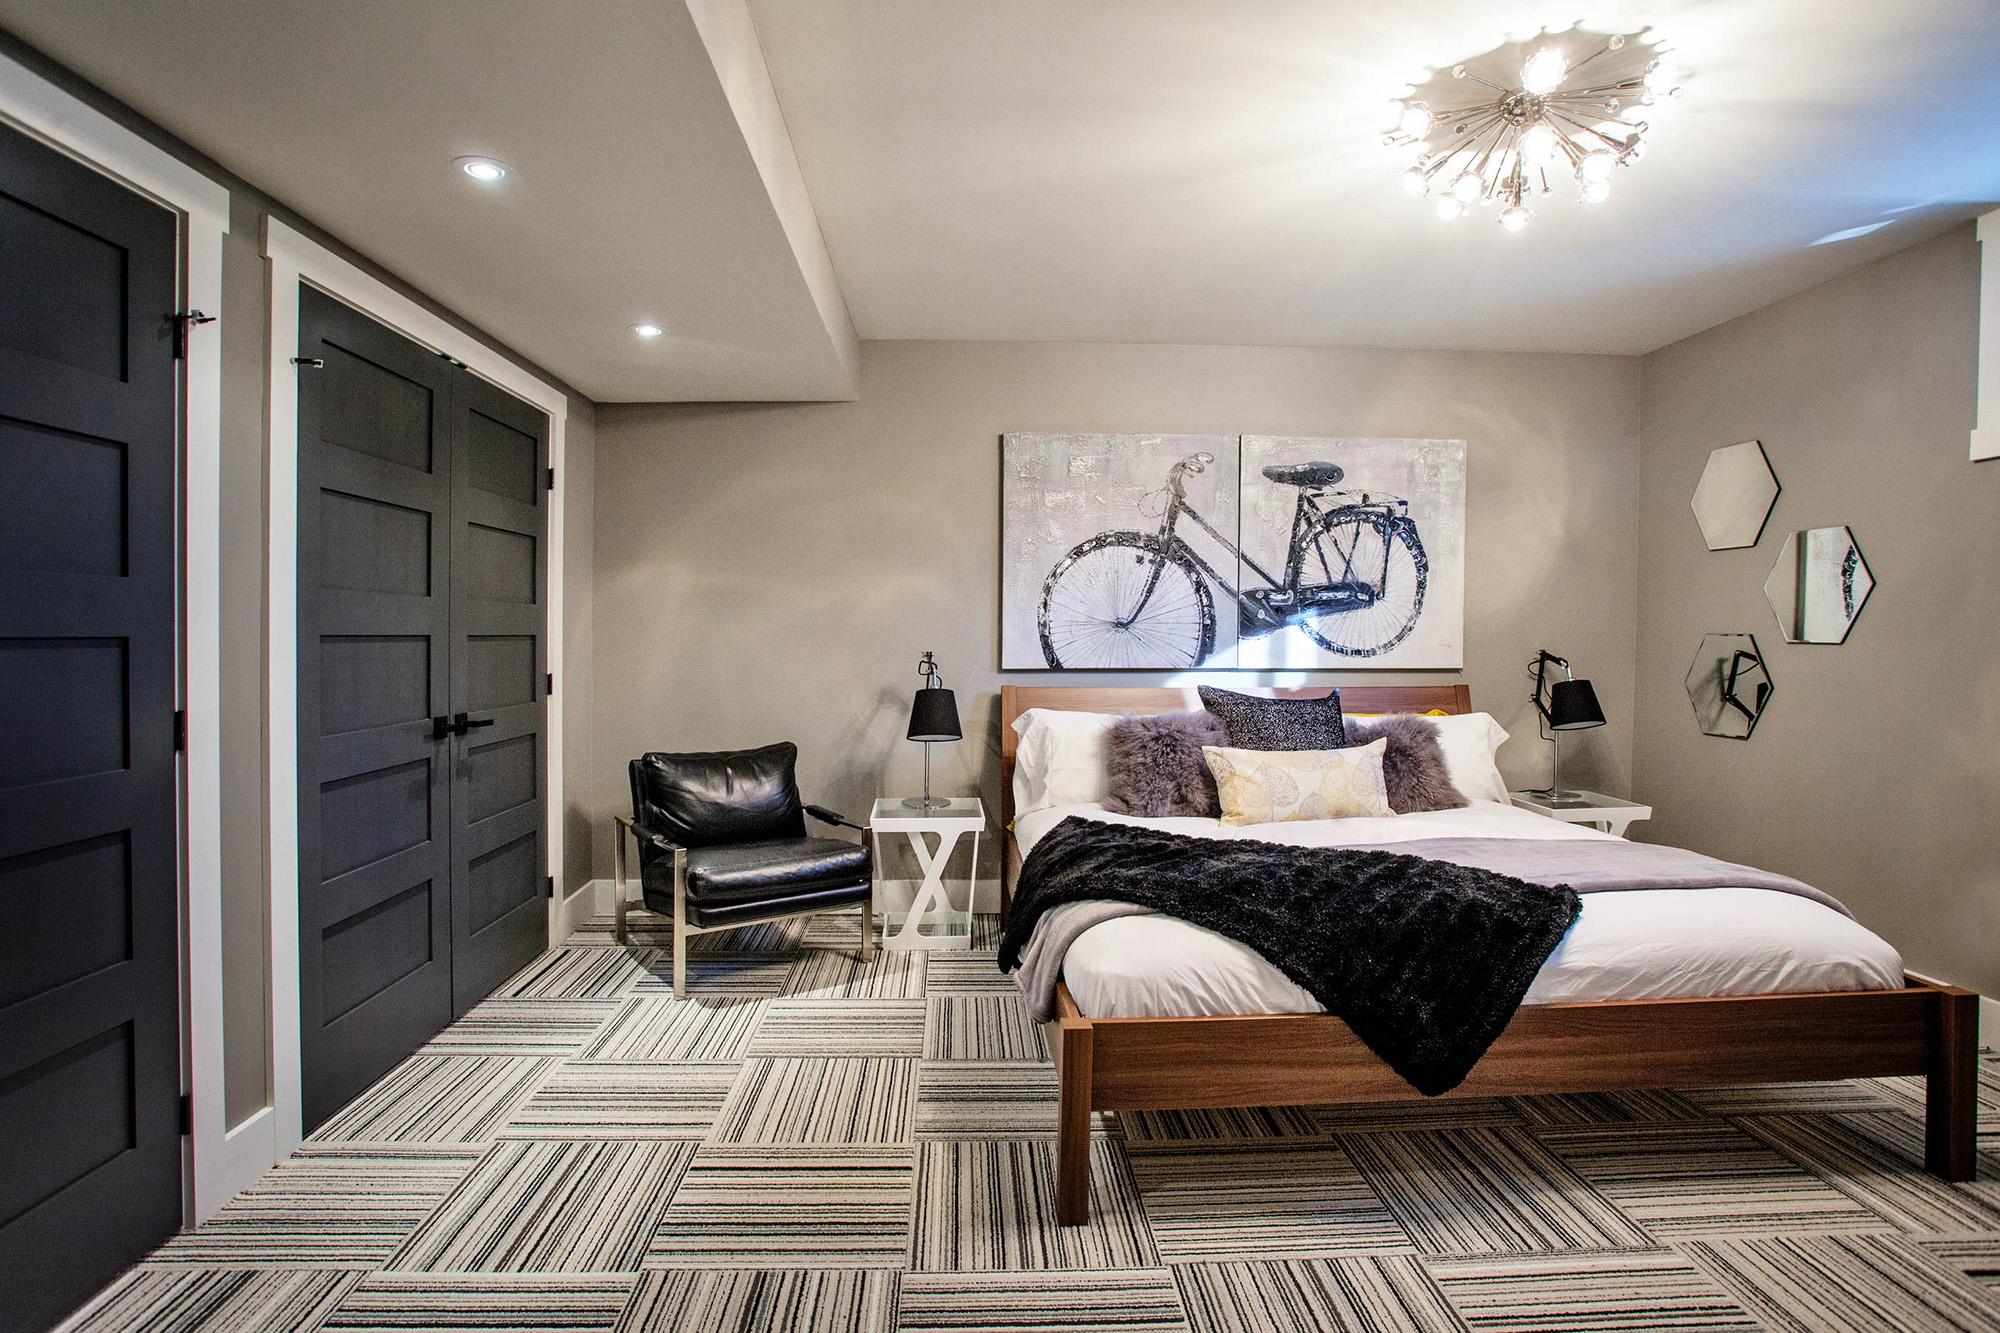 Картина с изображением велосипеда в спальне